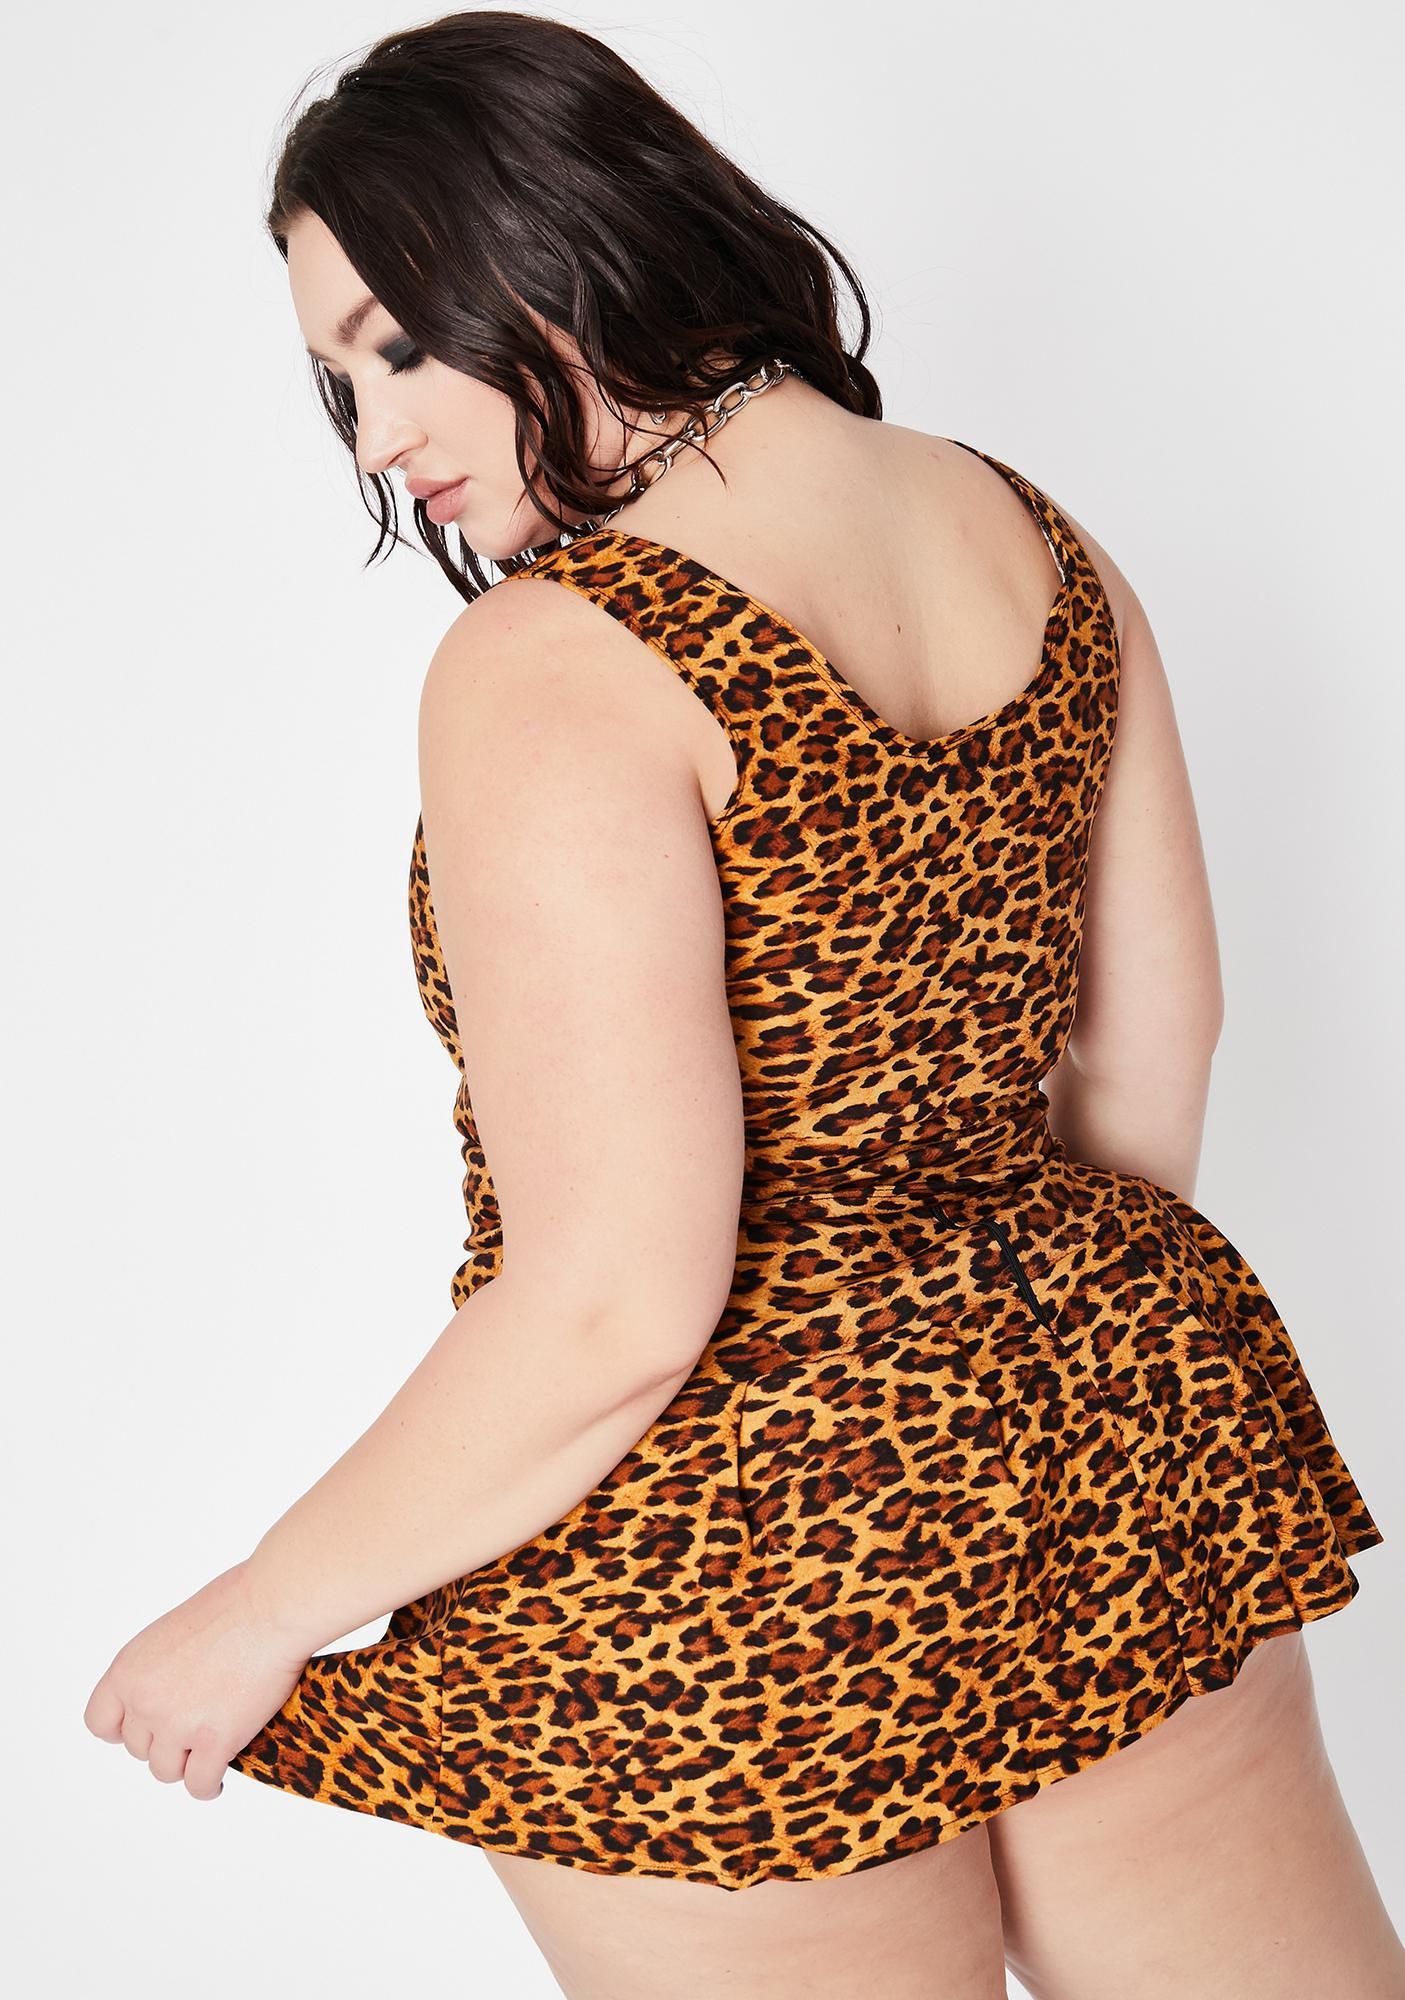 Mz Feline Wild Skirt Set